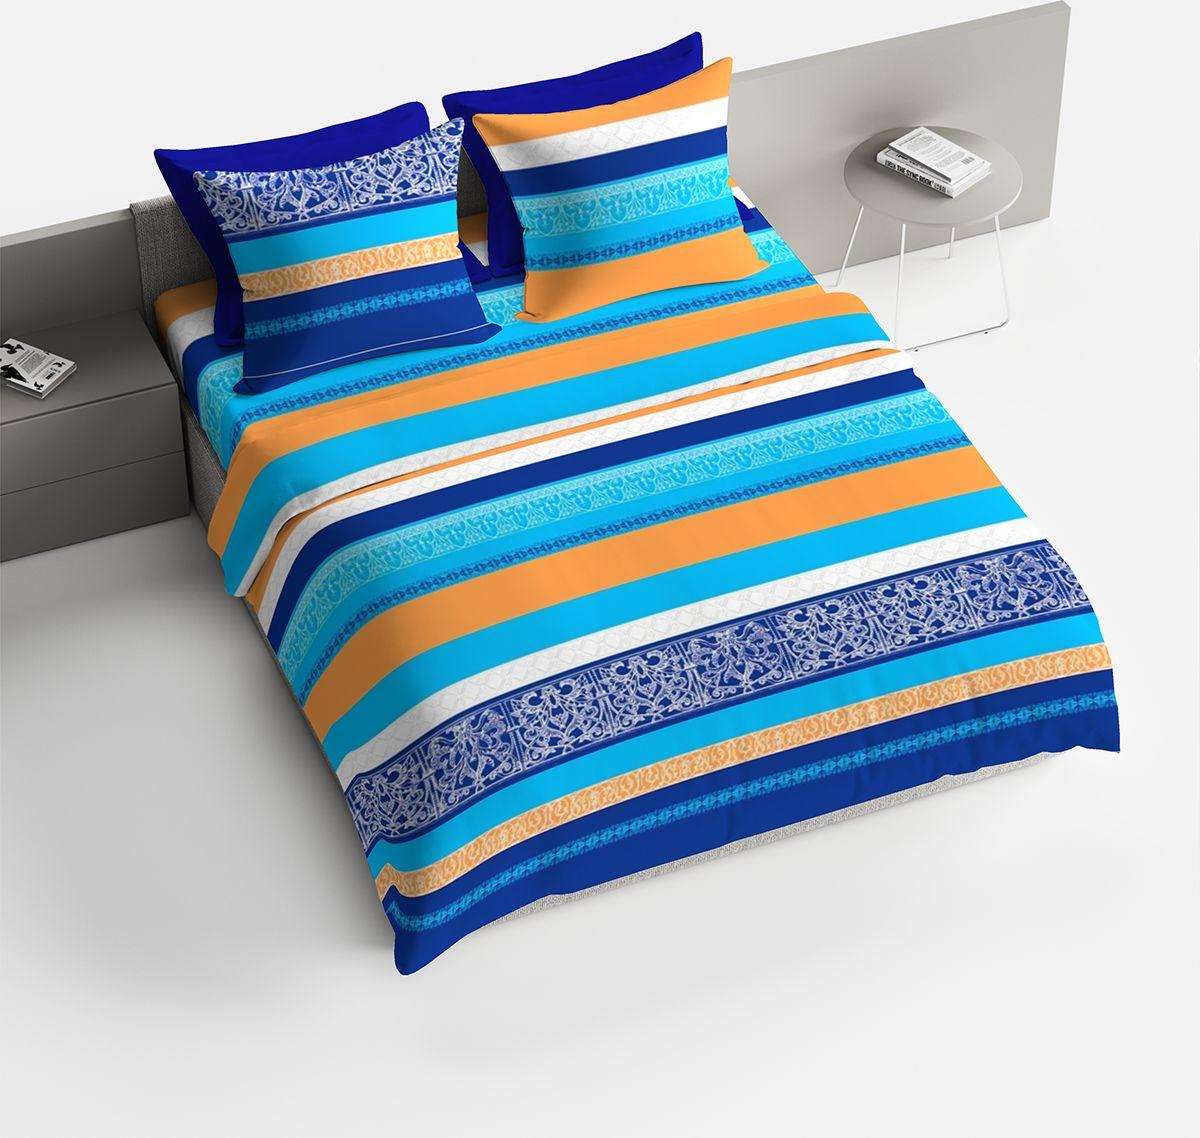 Комплект белья Браво Гретхен, семейный, наволочки 70x70, цвет: синий. 4060-187747